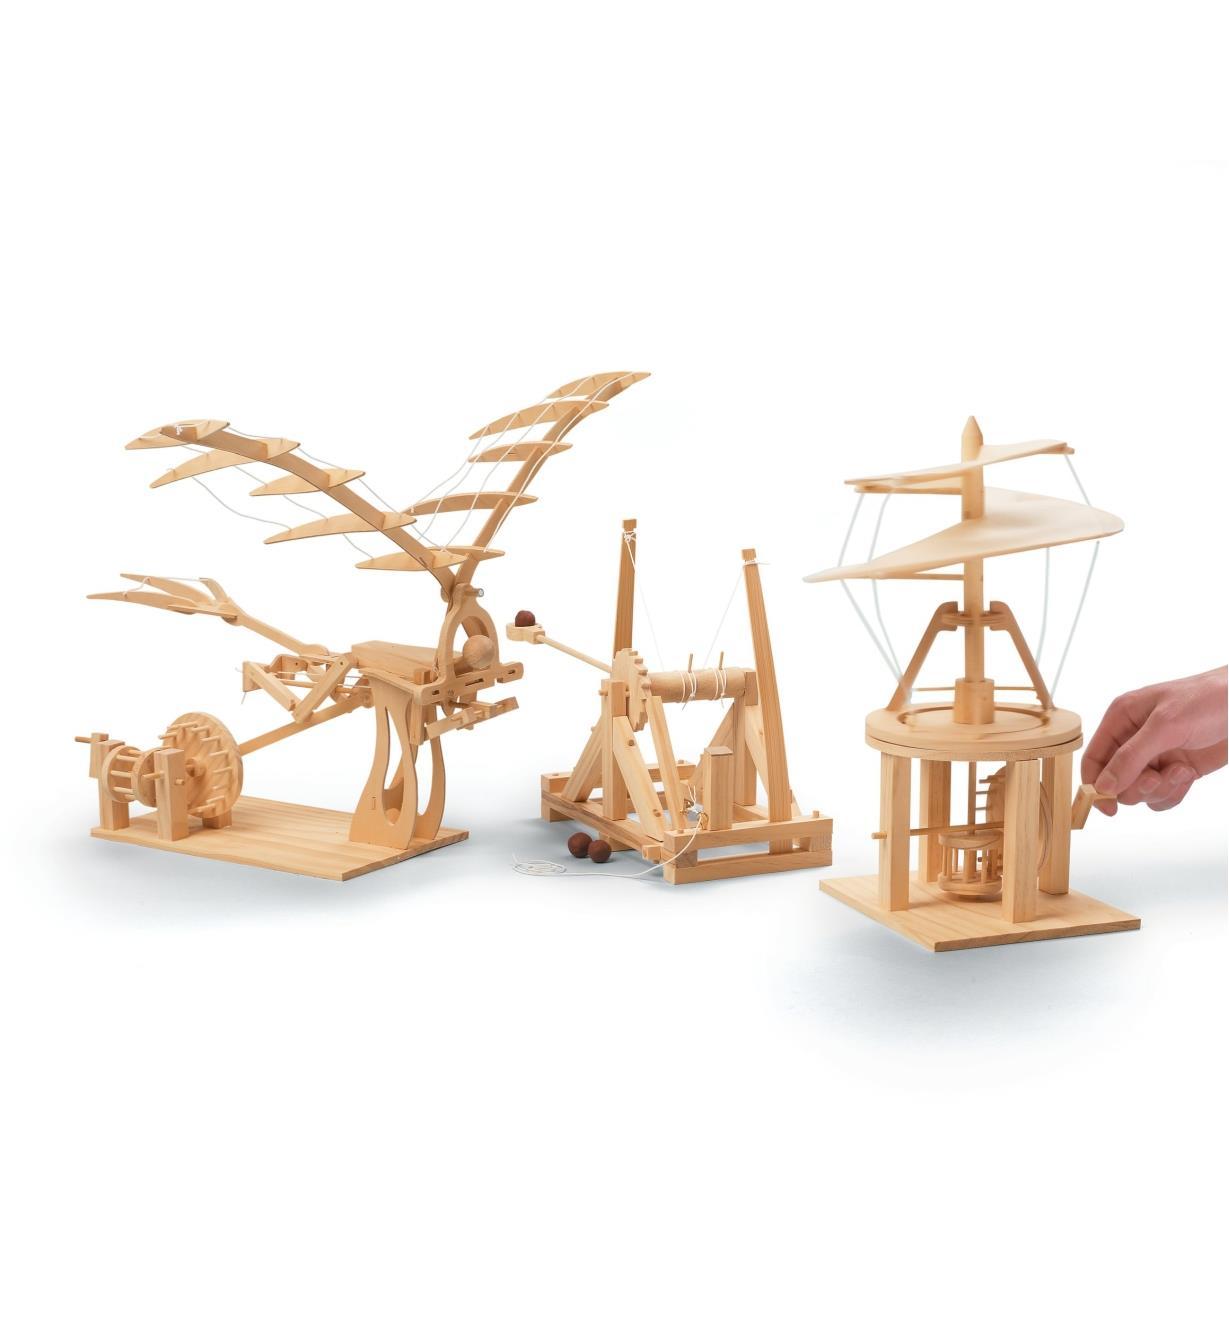 Modèles réduits des inventions de Léonardde Vinci